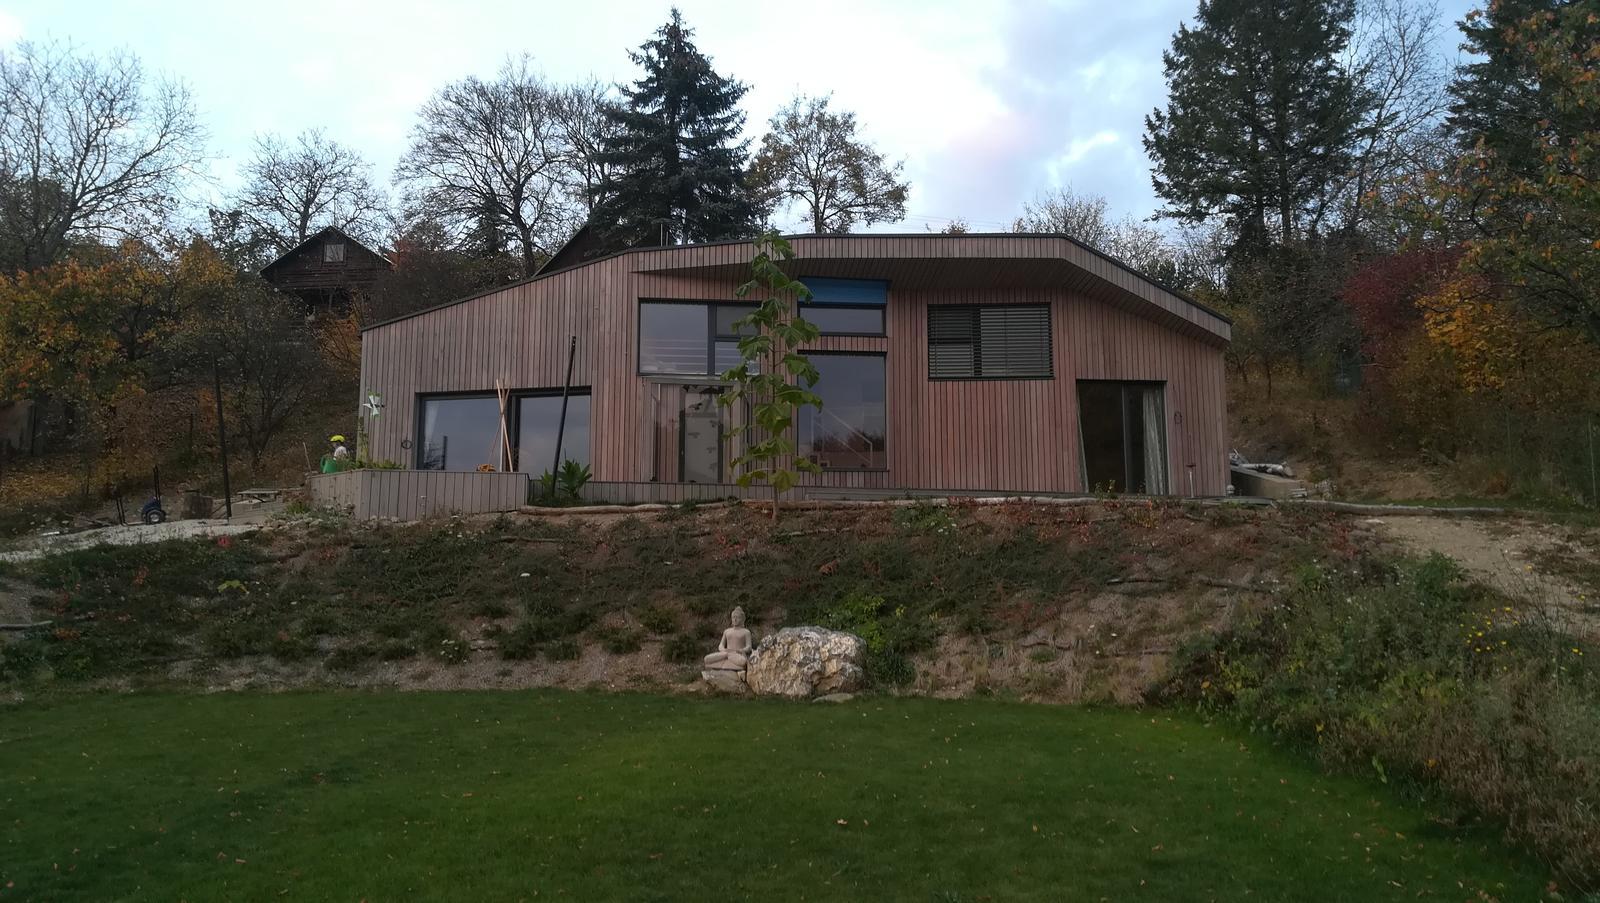 Prispeli sme našou prácou k domčeku v prírode. - Obrázok č. 2